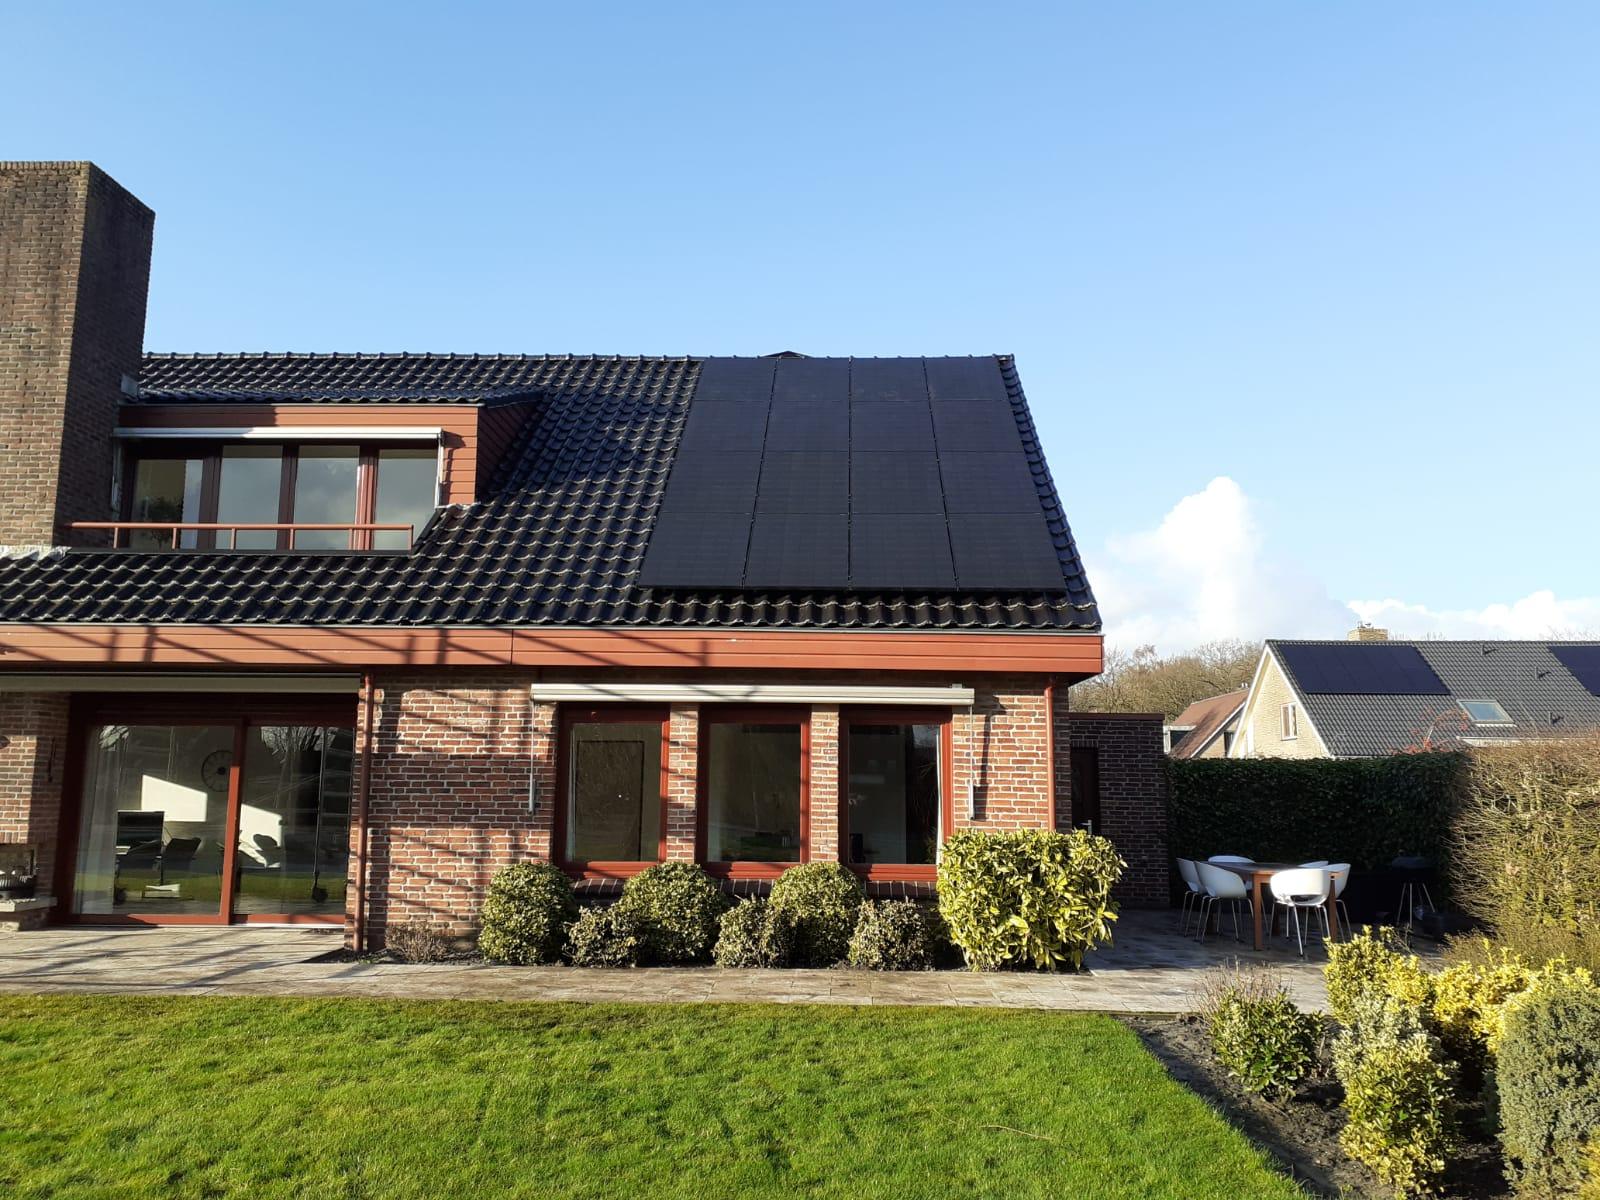 LG Neon zonnepanelen Hoogeveen